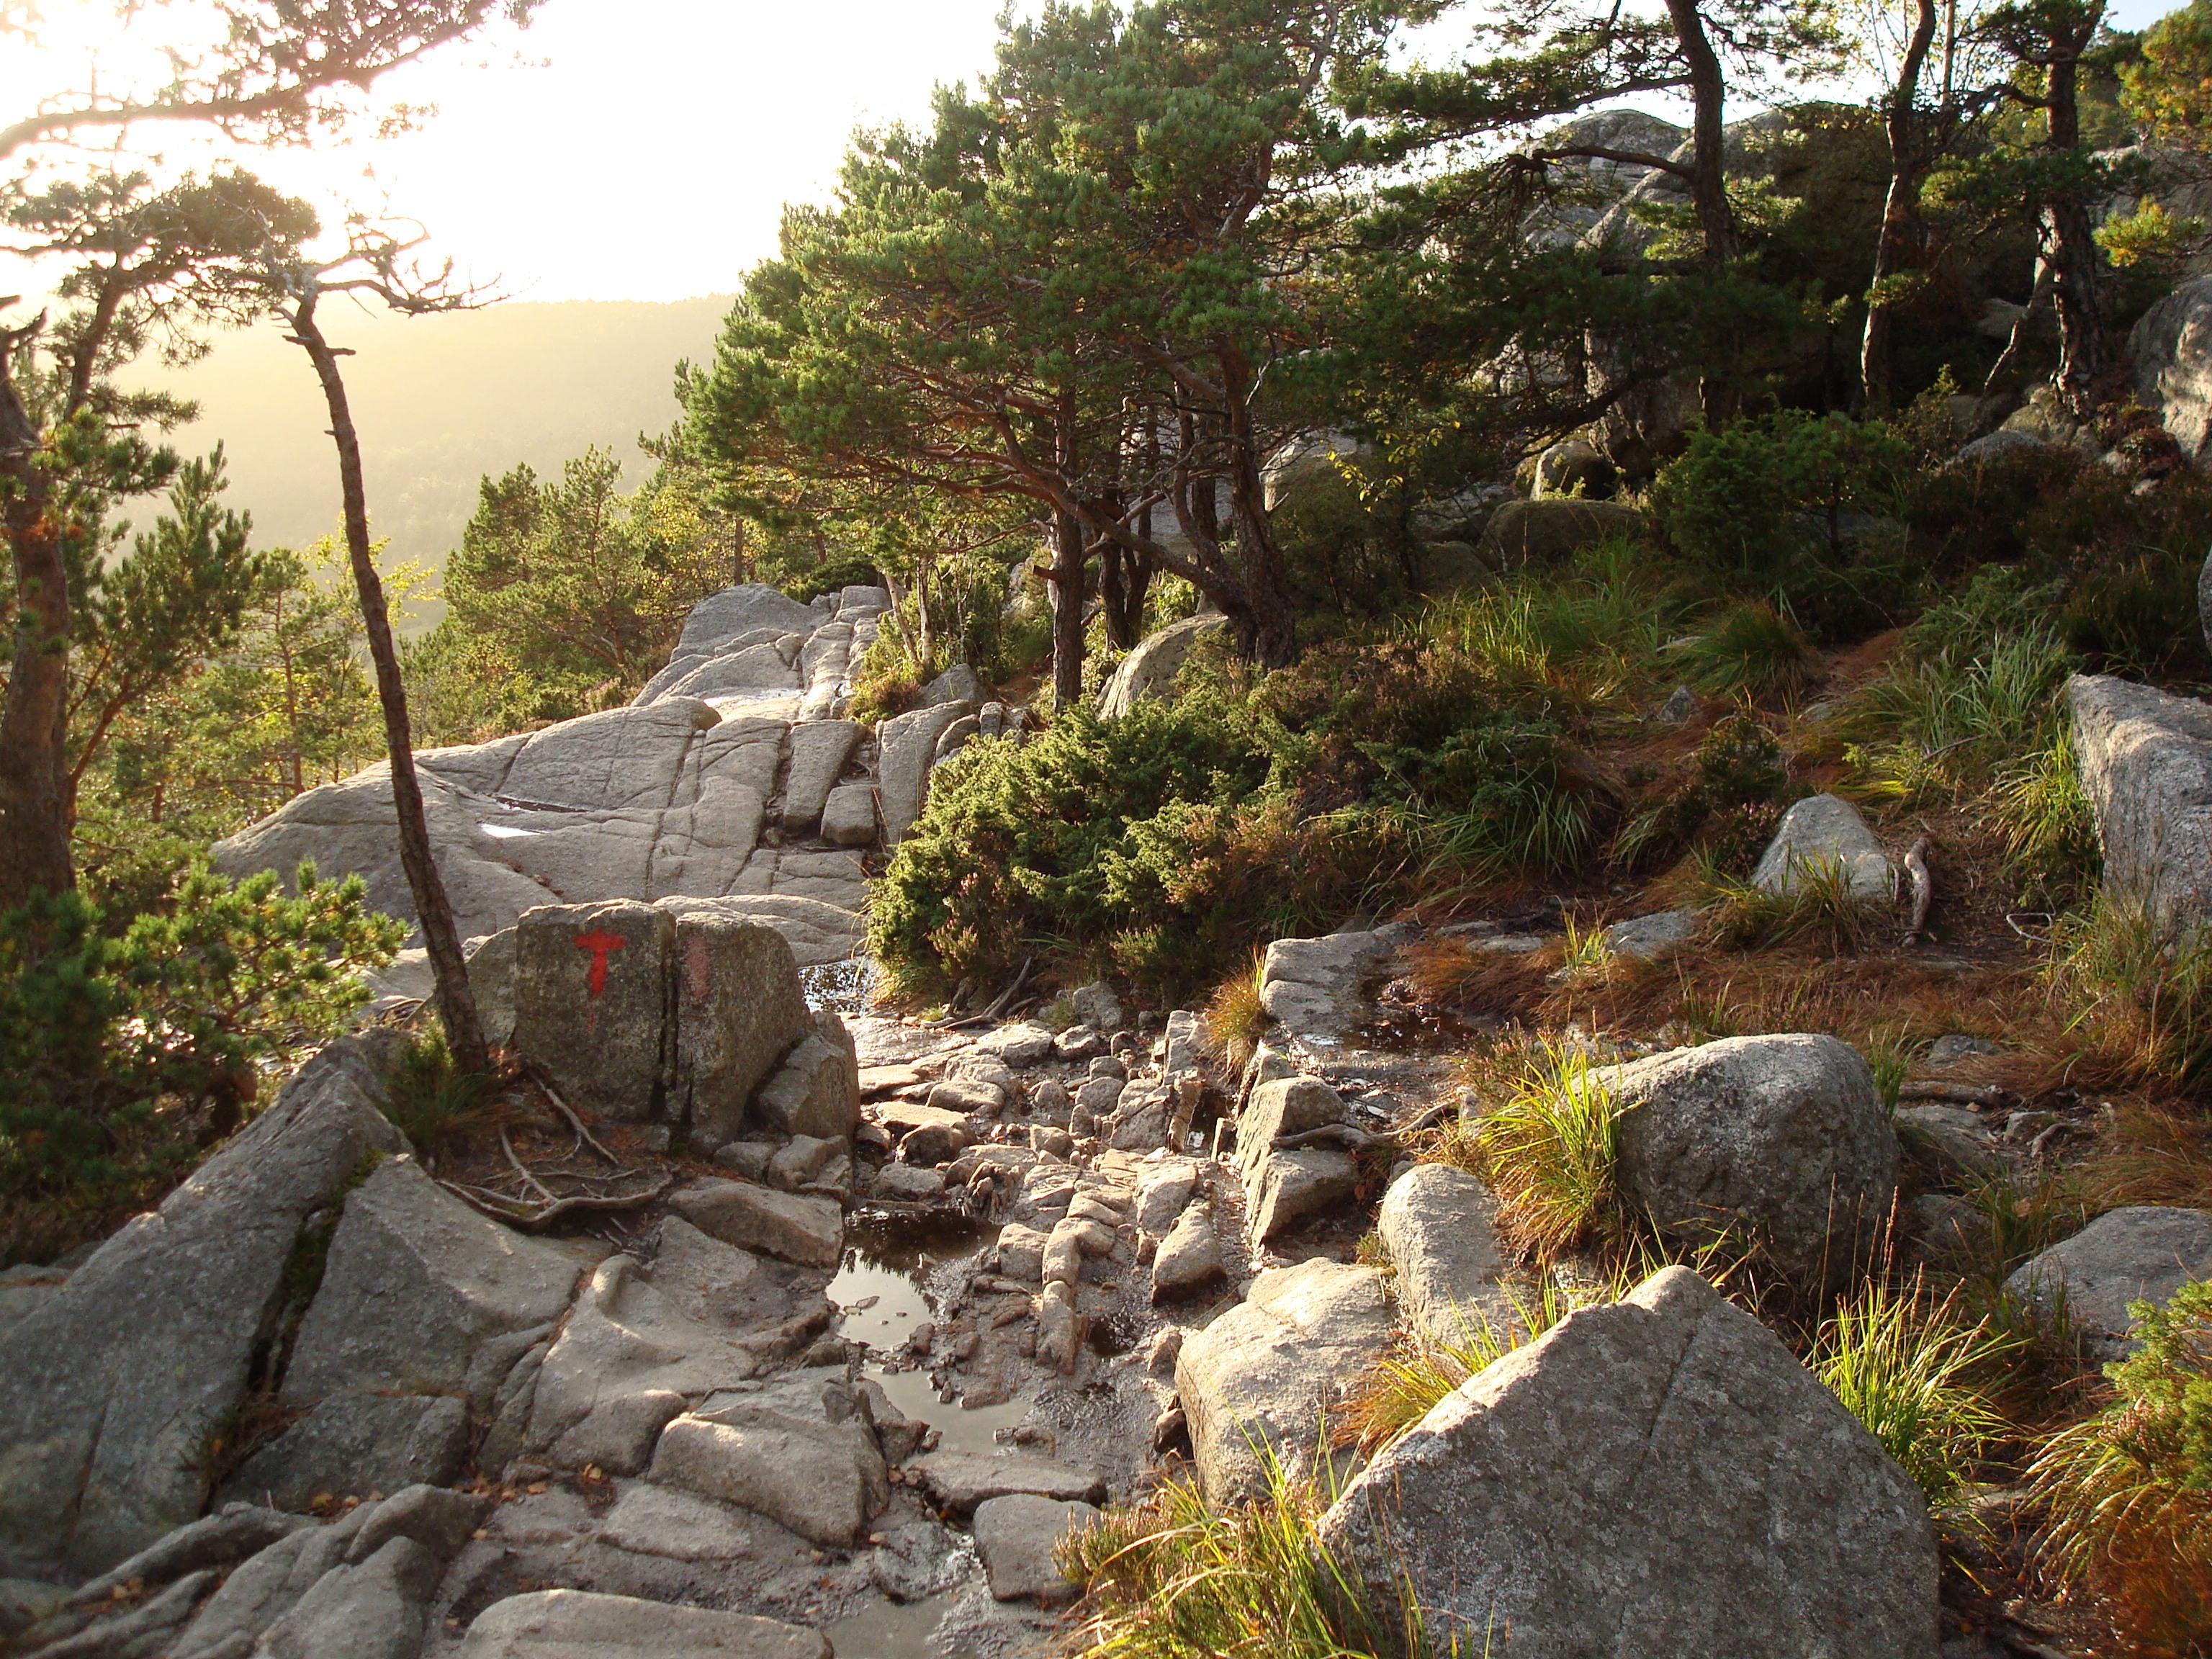 Preikestolen_hiking_trail.jpg